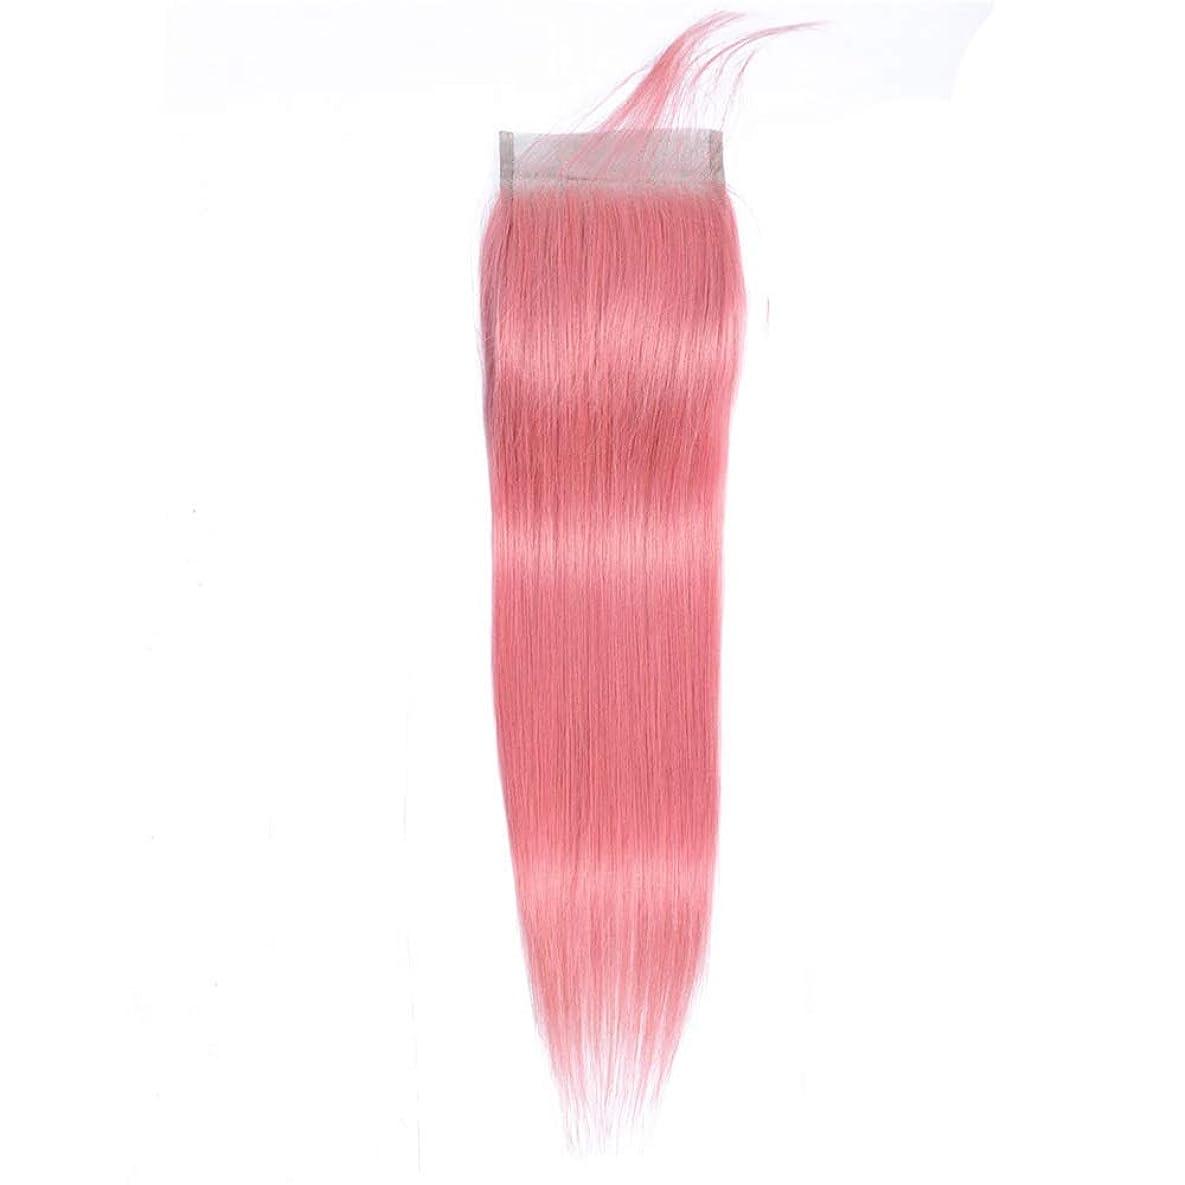 過言気球窒息させるHOHYLLYA レースの閉鎖無料パート4 * 4レースの正面閉鎖(10インチ-16インチ)ファッションウィッグとピンクの100%人毛ブラジルストレートヘア (色 : ピンク, サイズ : 12 inch)